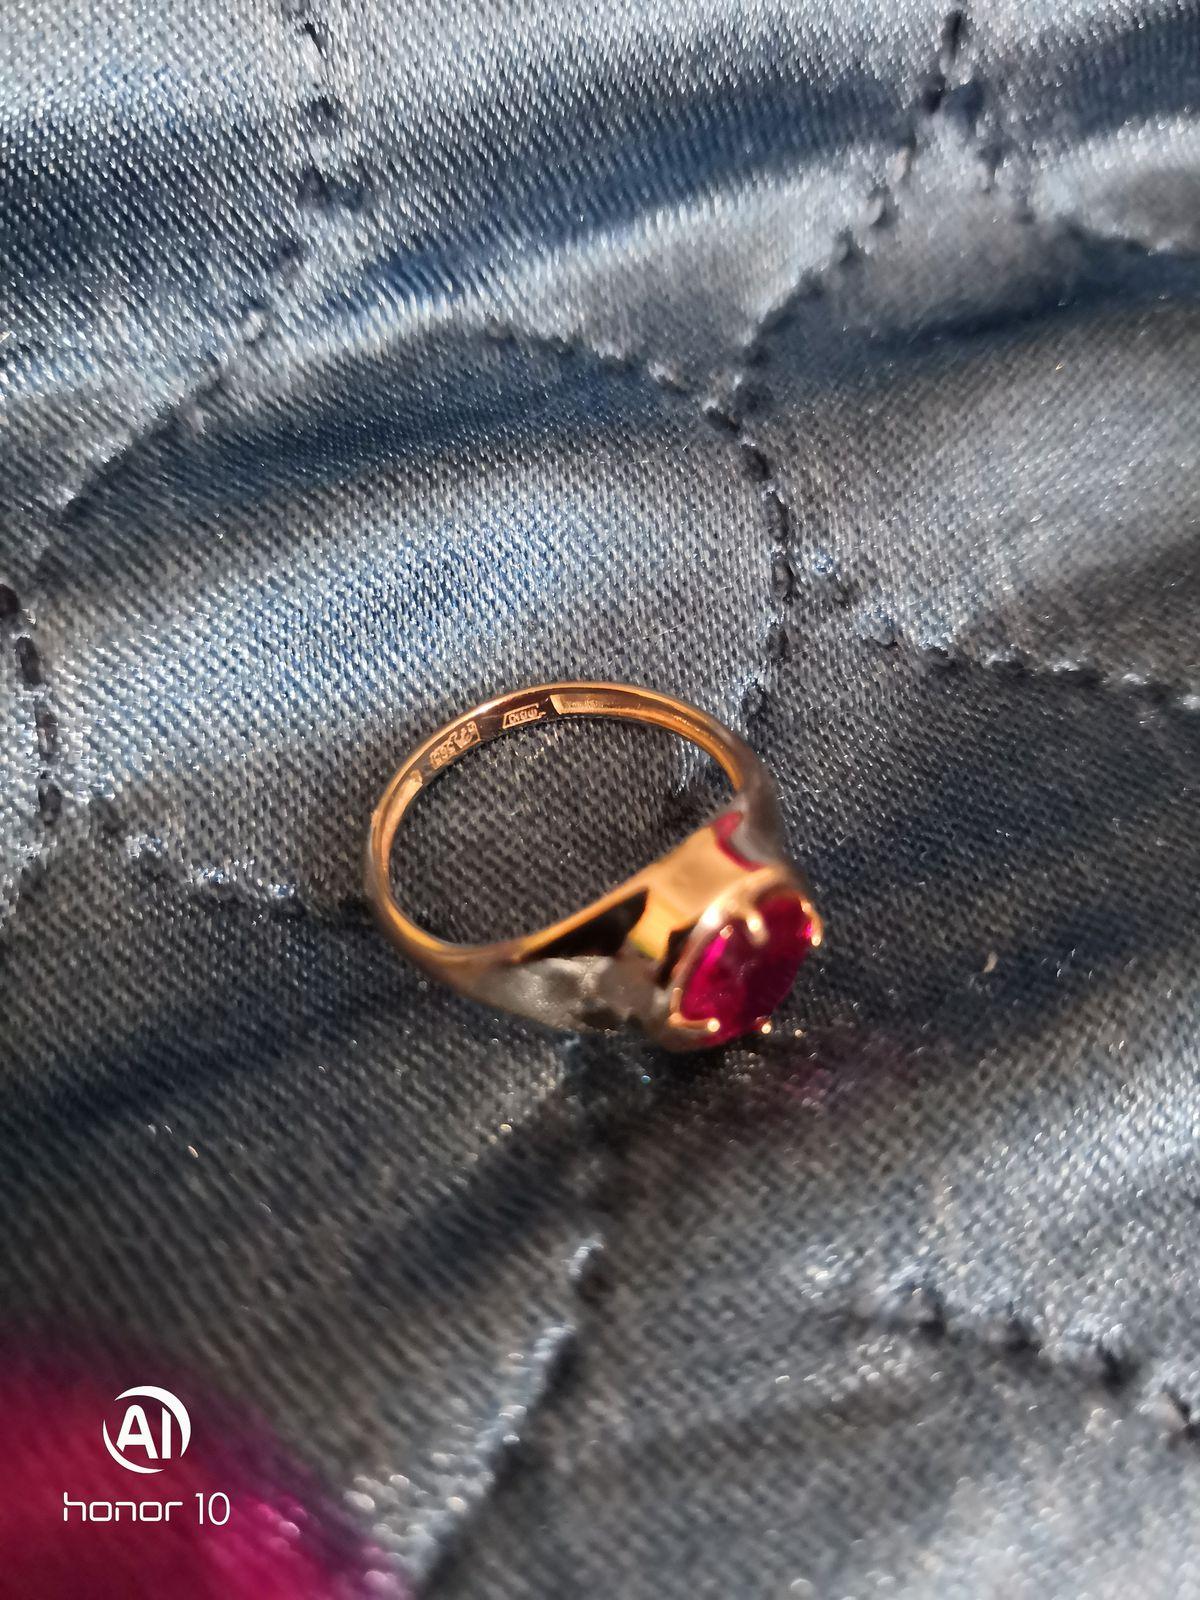 Давно мечтала о кольце с огромным рубином🤗 любимый поздравил с 8 марта💋👍